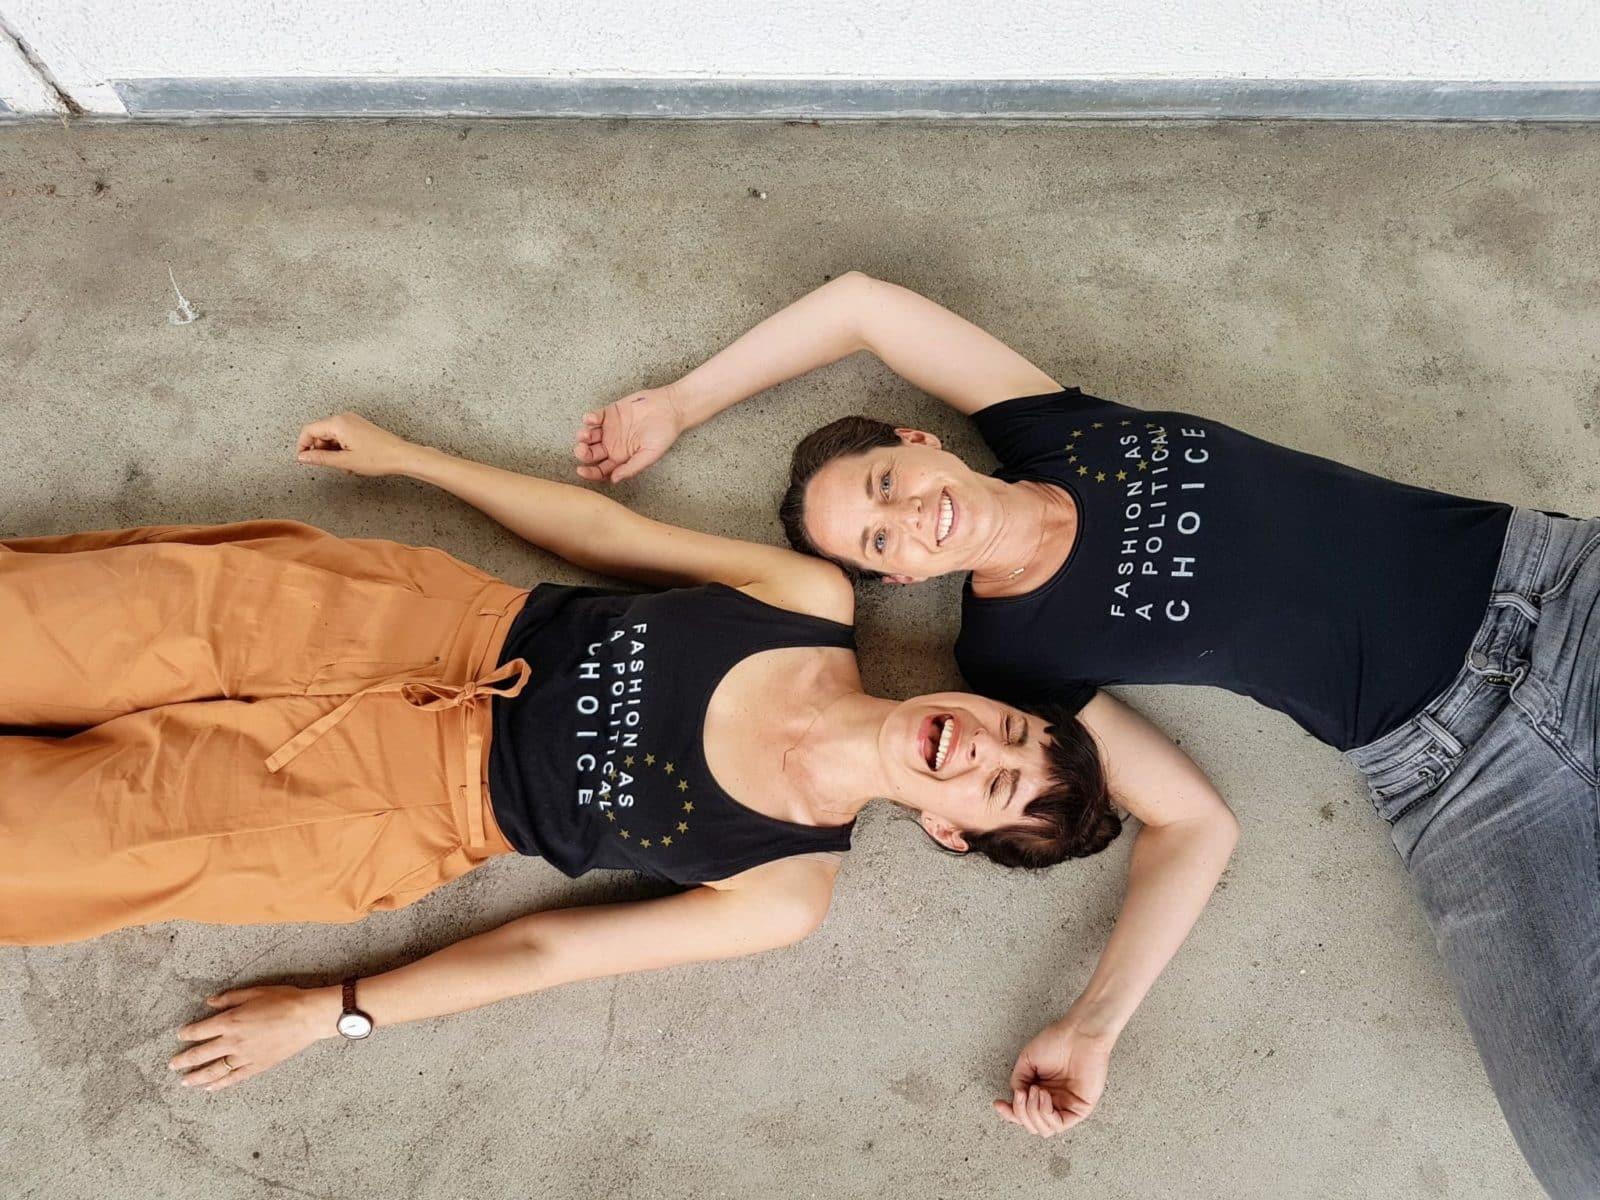 Europawahl Klimawandel geh wählen Fashion as a political choice